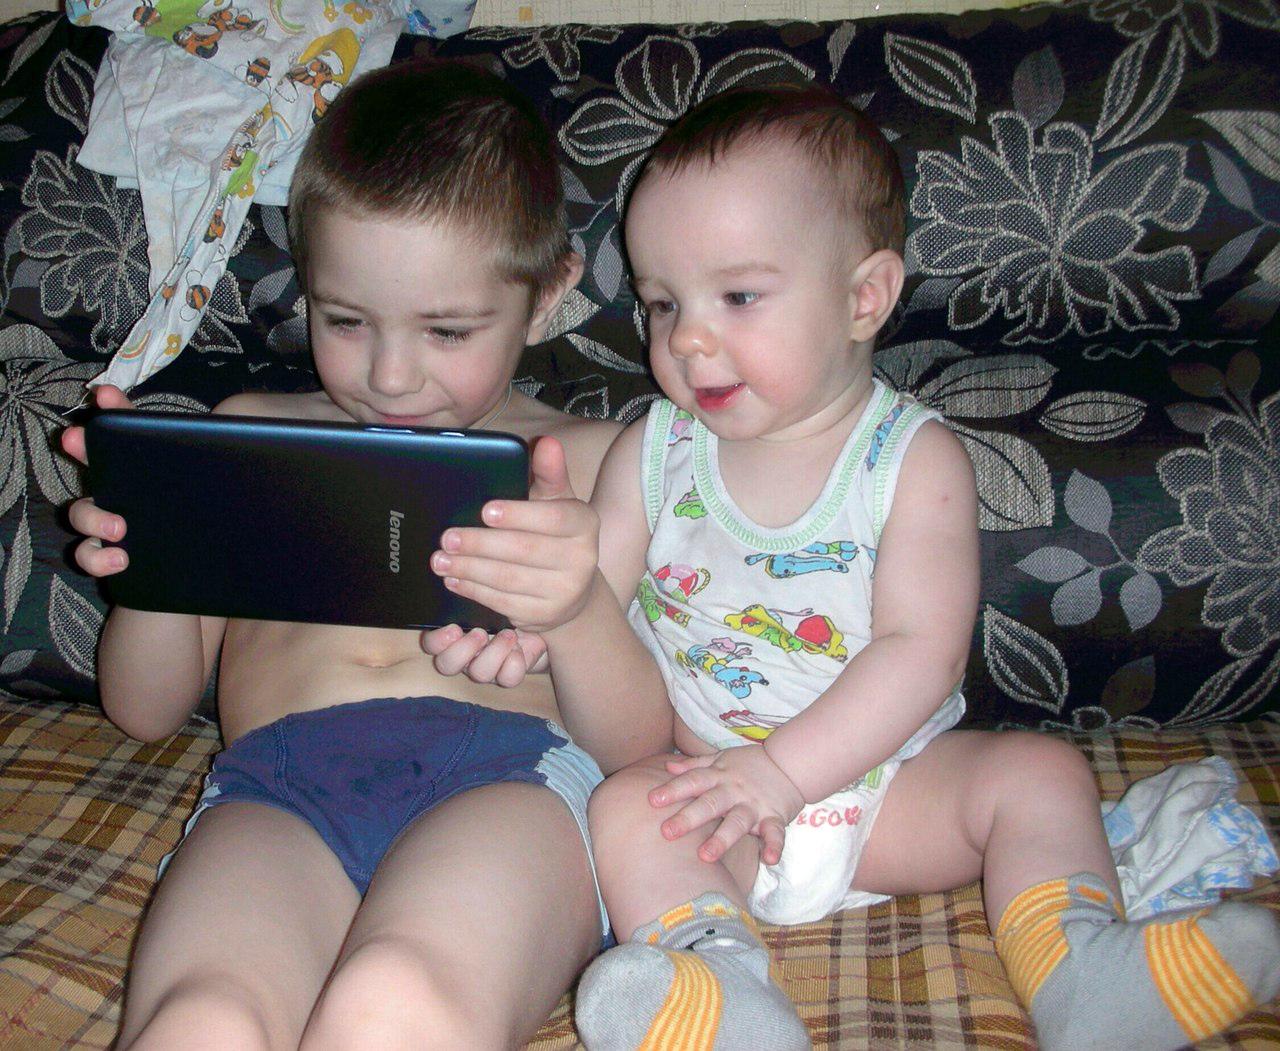 В ожидании победы брата в Subway Surfers. Дети в интернете